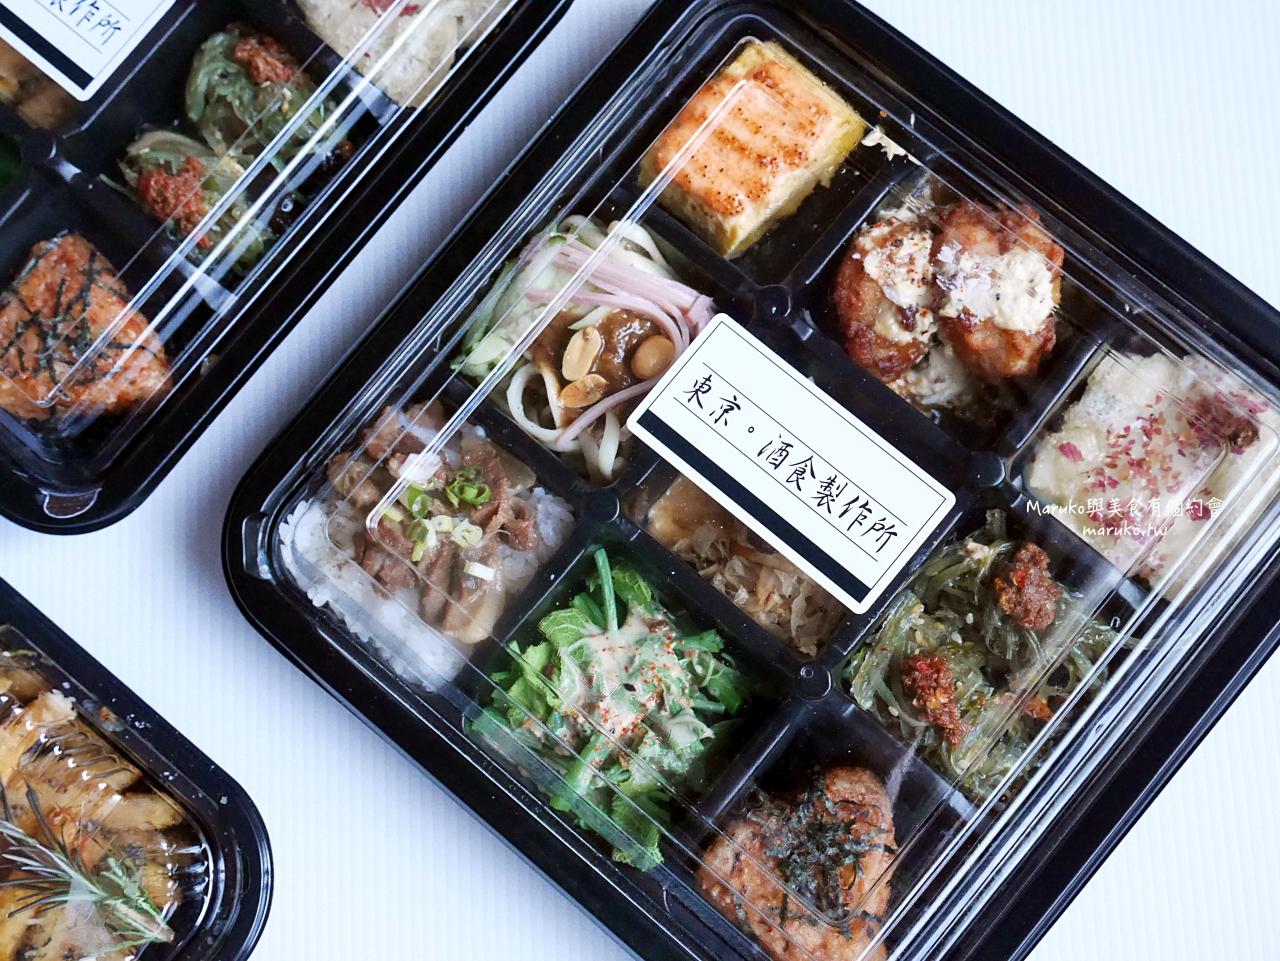 【台北】東京酒食製作所 居酒屋九宮格便當 半價只要165元 國父紀念館站美食 @Maruko與美食有個約會